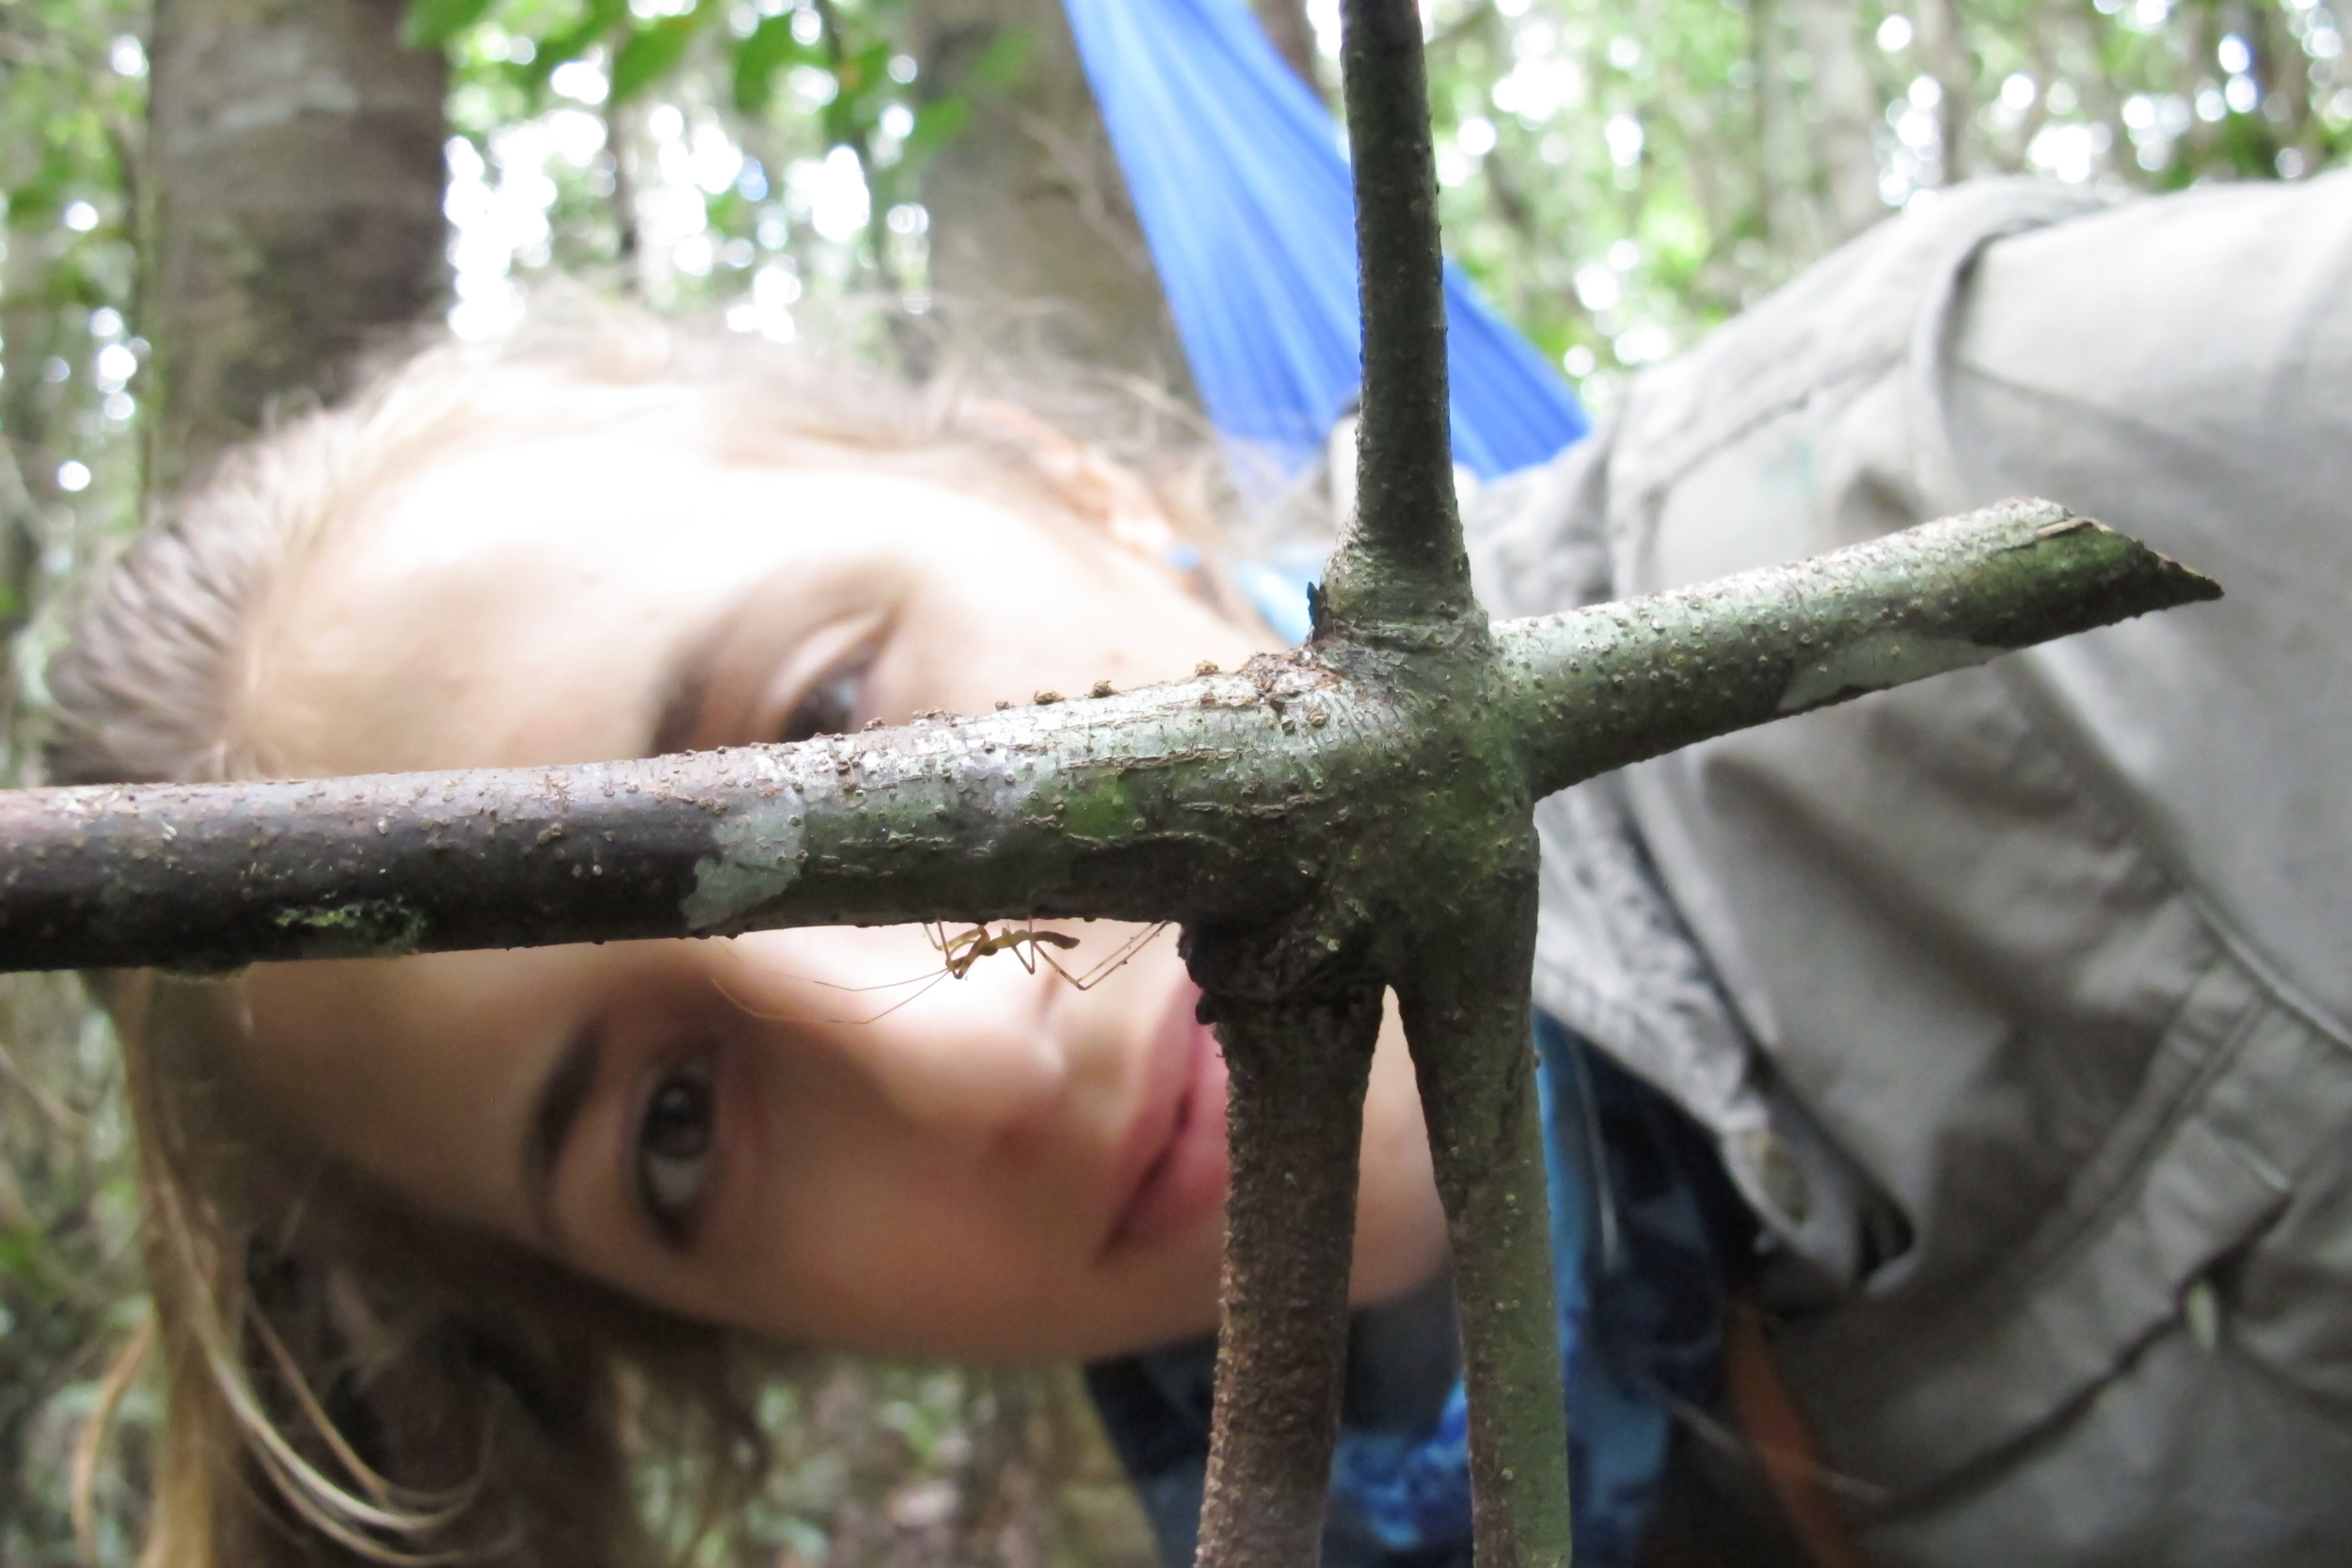 Examining a heteroptera bug in Borneo